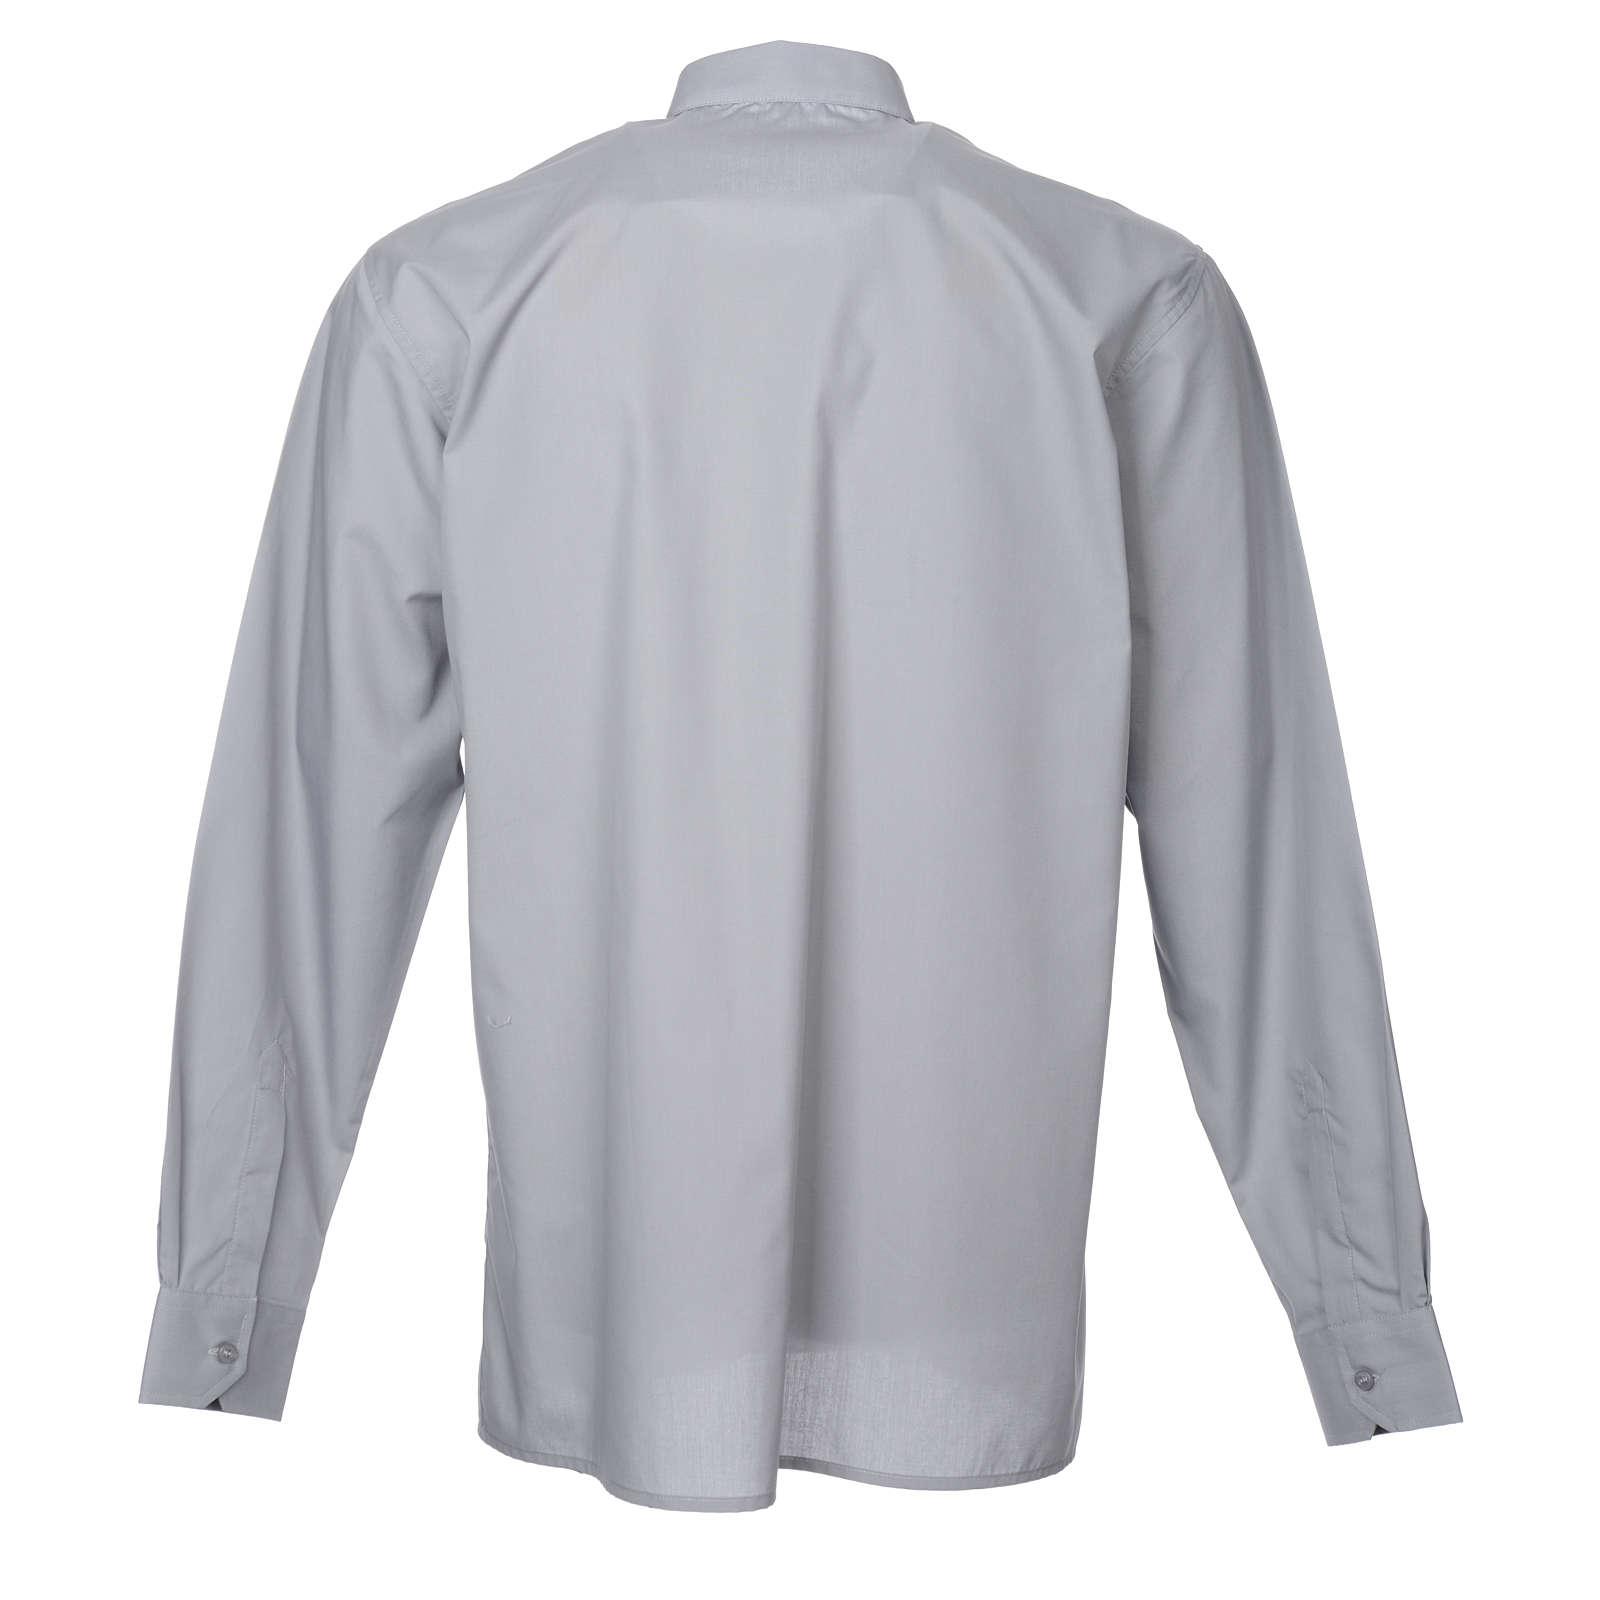 STOCK Camicia clergy manica lunga misto grigio chiaro 4